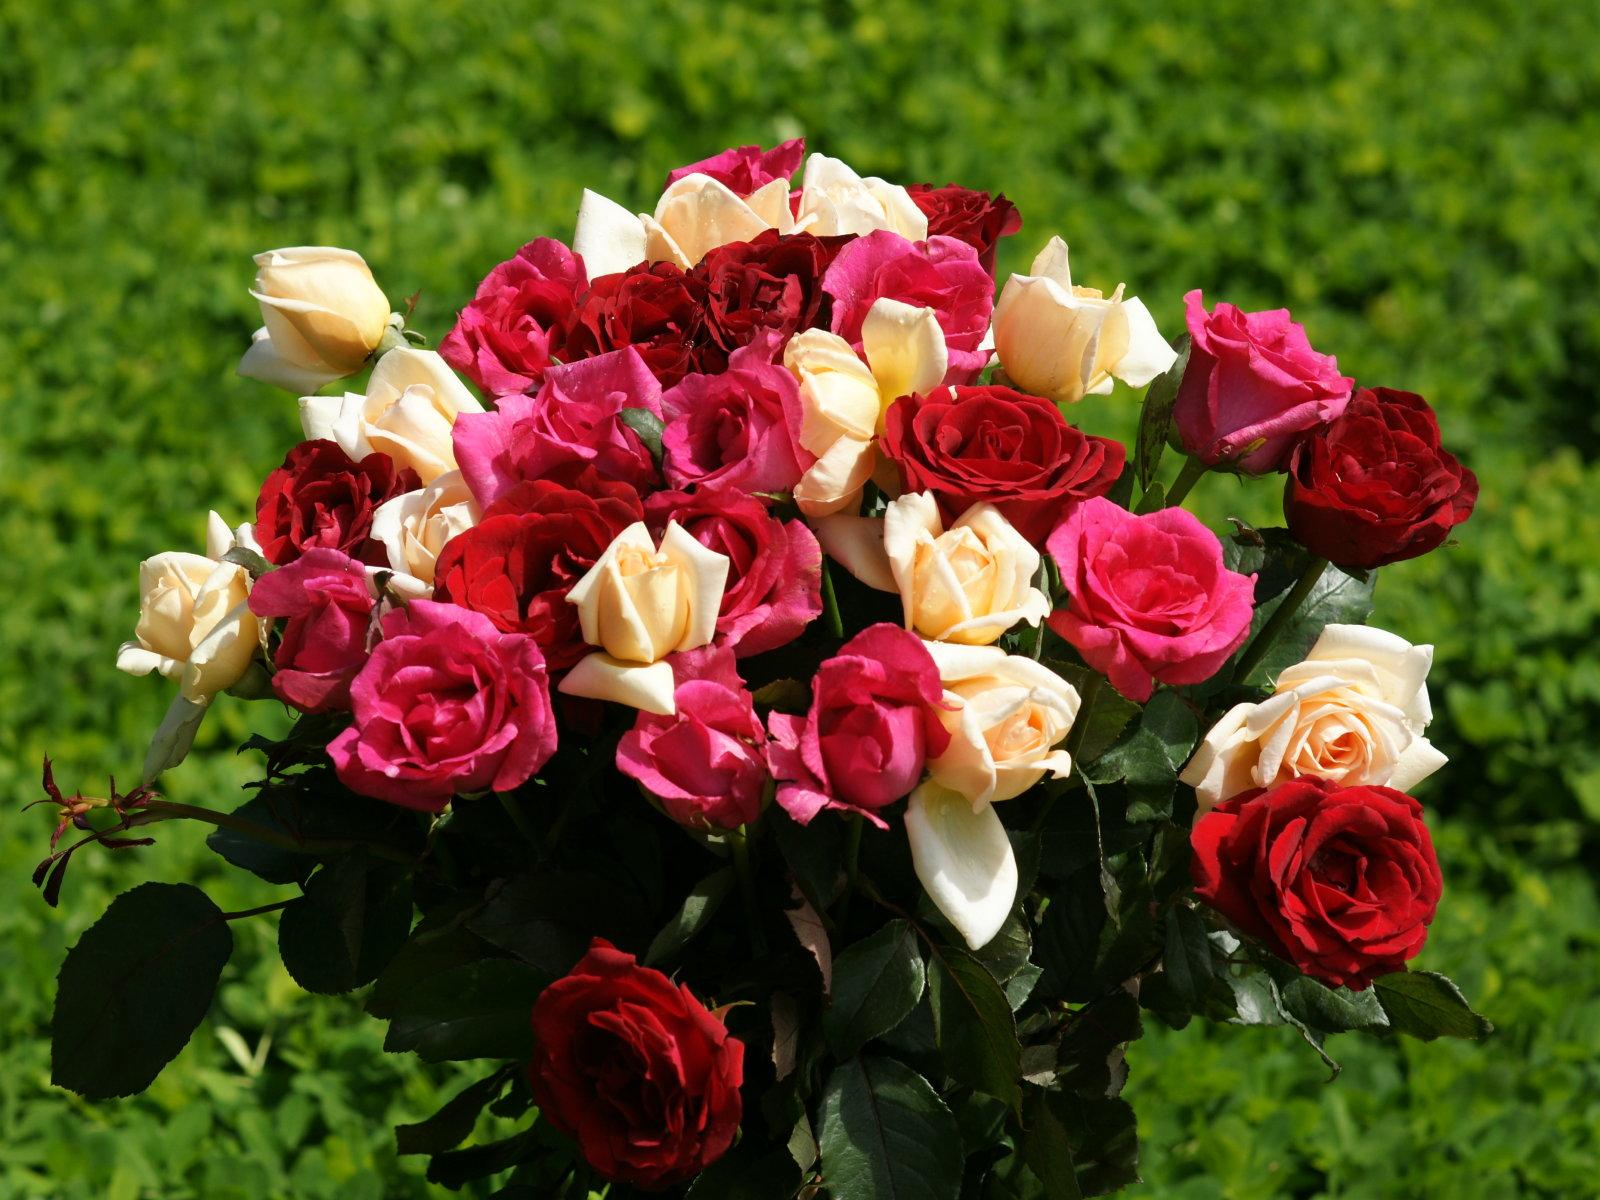 images of roses wallpaper - wallpapersafari